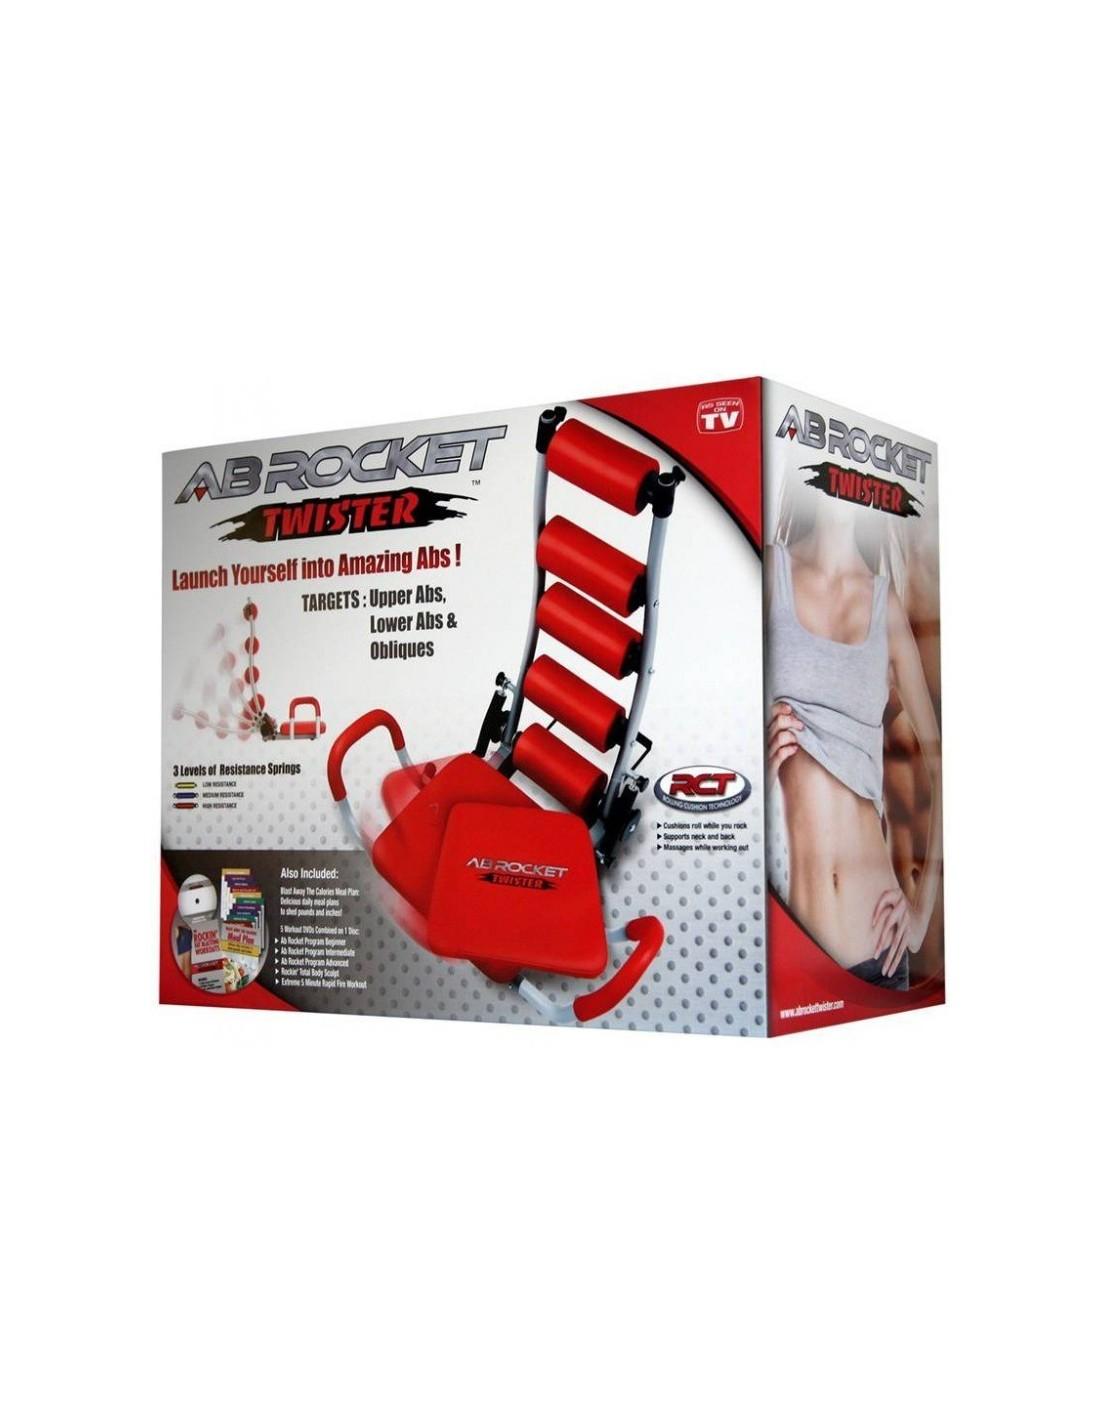 pas cher pour réduction 73917 a682c Prix Appareil de musculation Ab Rocket Twister Tunisie